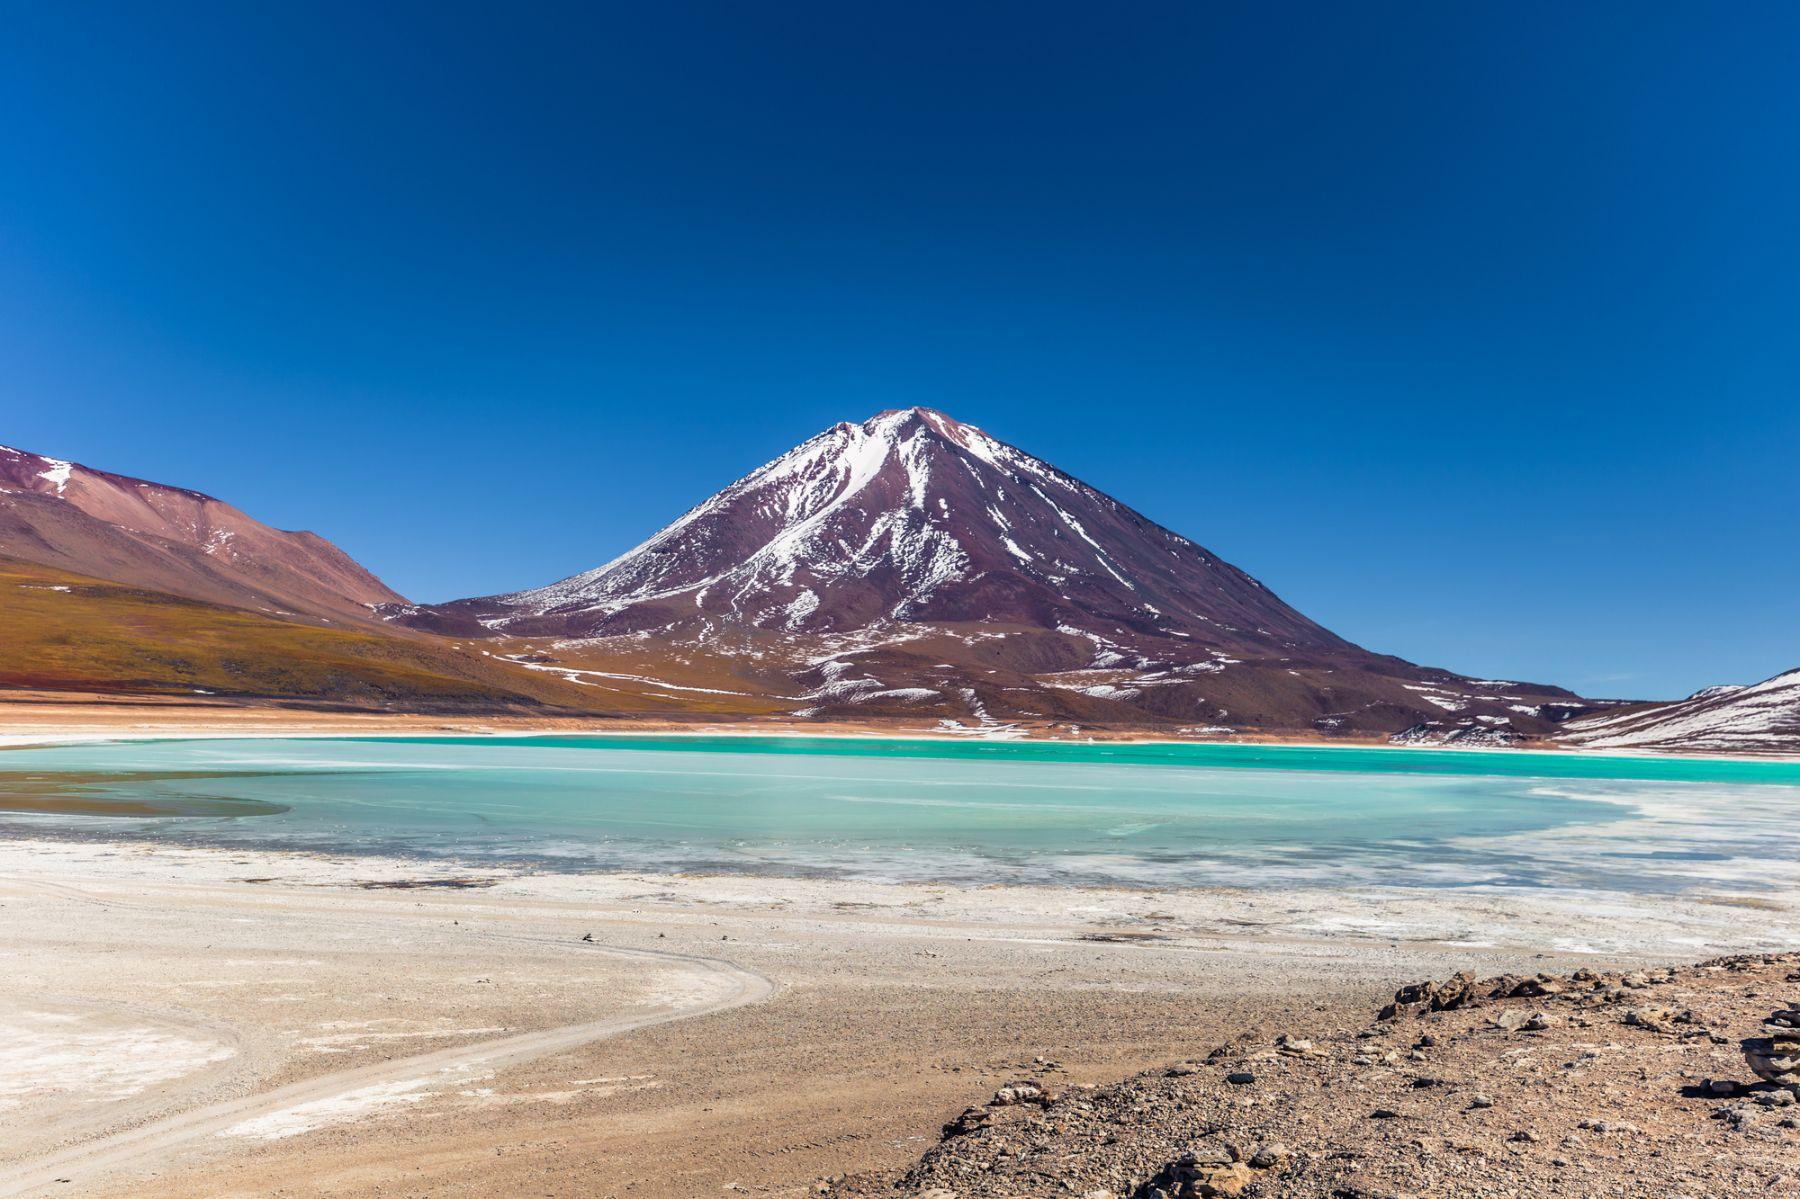 Le Volcan Licancabur : un géant aux pieds de sel